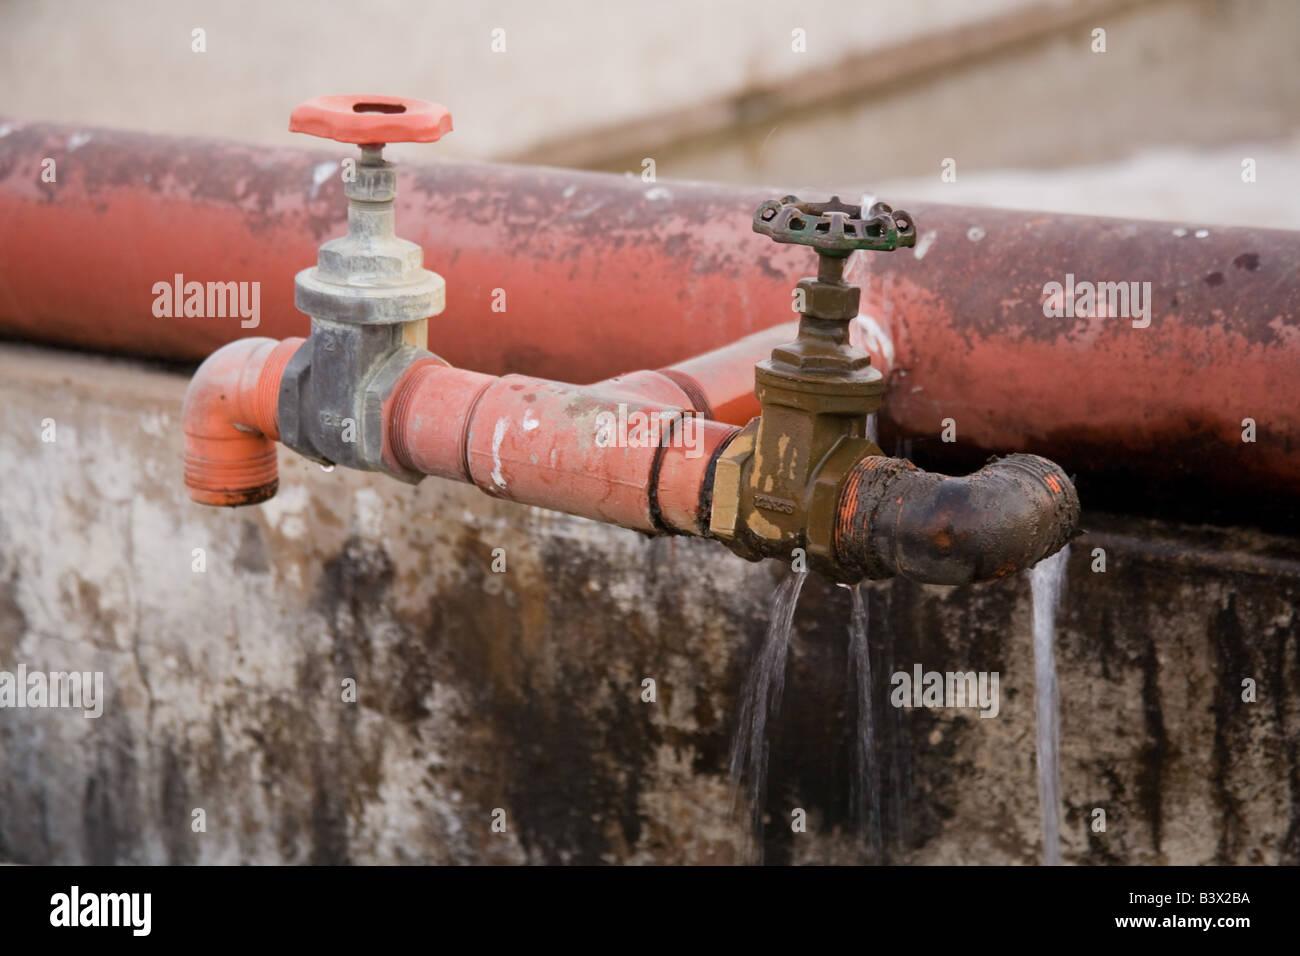 Trinkendes Wasser Undicht Stockfotos Trinkendes Wasser Undicht